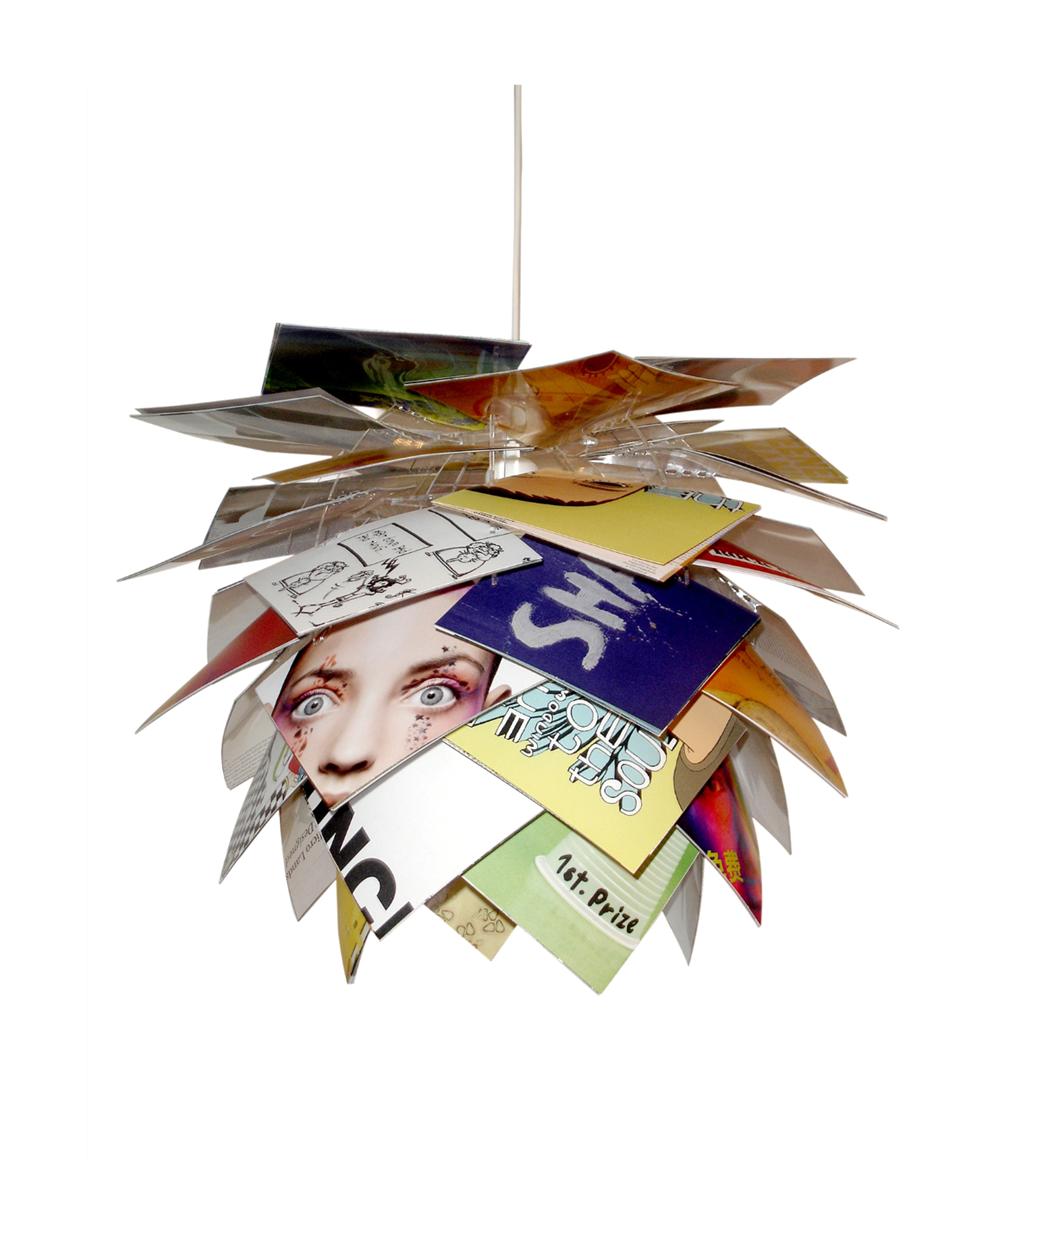 DesignFrank Kerdil for Dyberg Larsen  Koncept PineApple Pendel Magazine er en ny spændende og fleksibel Pendel, der også kan anvendes som gulvlampe eller til bordet.  Lampen er skabt i den bedste danske designtradition. Hele serien er bygget op omkring et næsten usynligt stel lavet af poleret akryl, hvorpå der, i denne udgave af lampen, er monteret kvadratiske sorte blade, eller plader om man vil.  Den spændende kogle form har både ananas og lotusblomst over sig og giver mange muligheder for at stramme op på indretningen. Magazine Pendlen kommer med 120 stk papir blade smat 40 stk. PVC blade.